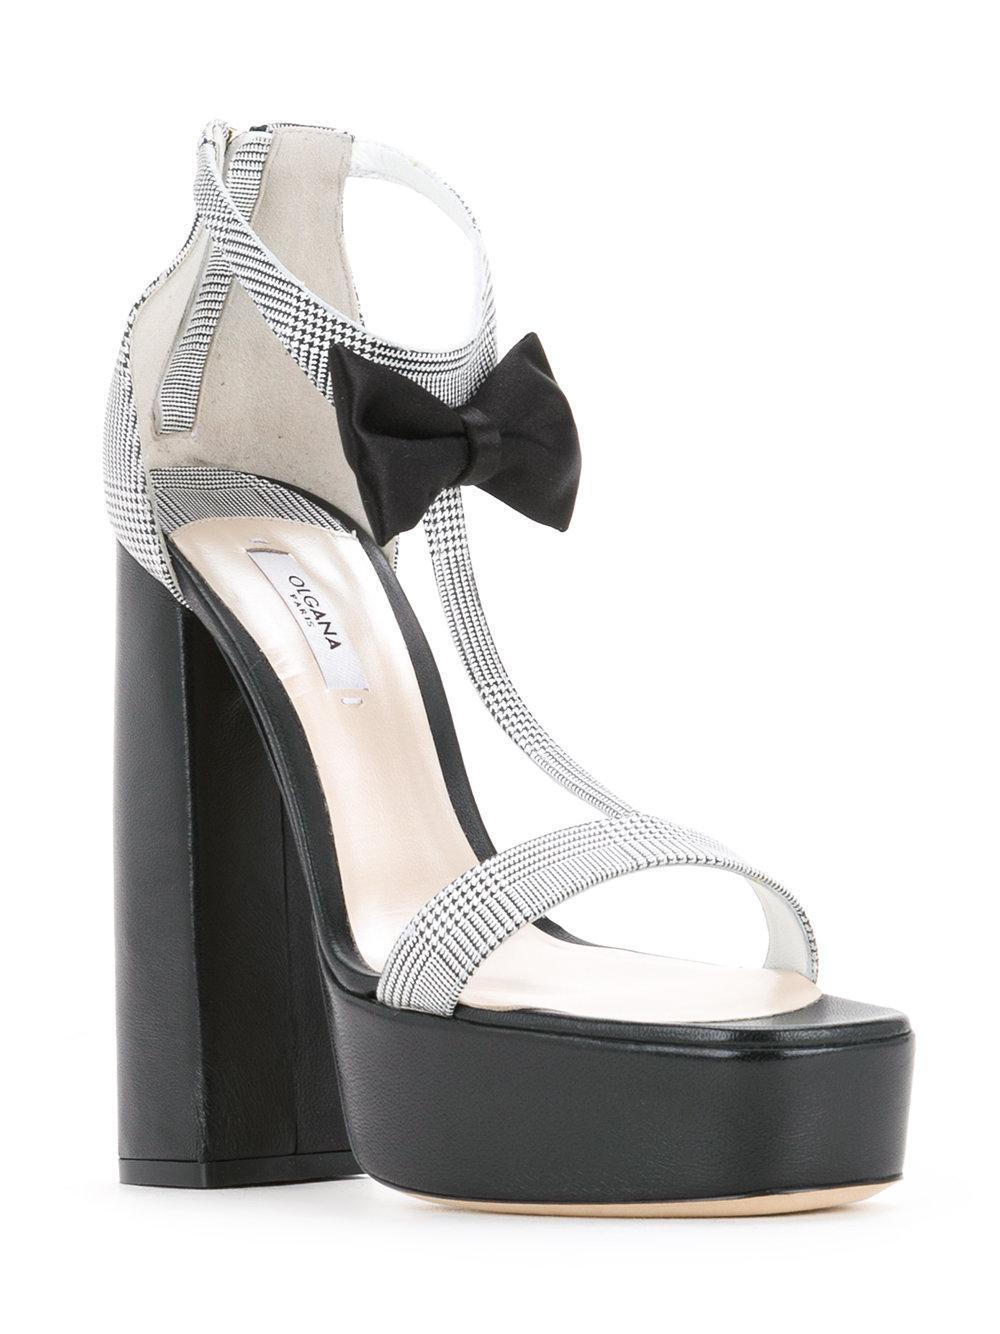 Sandales Plate-forme Olgana - Noir bdBiUihoYw